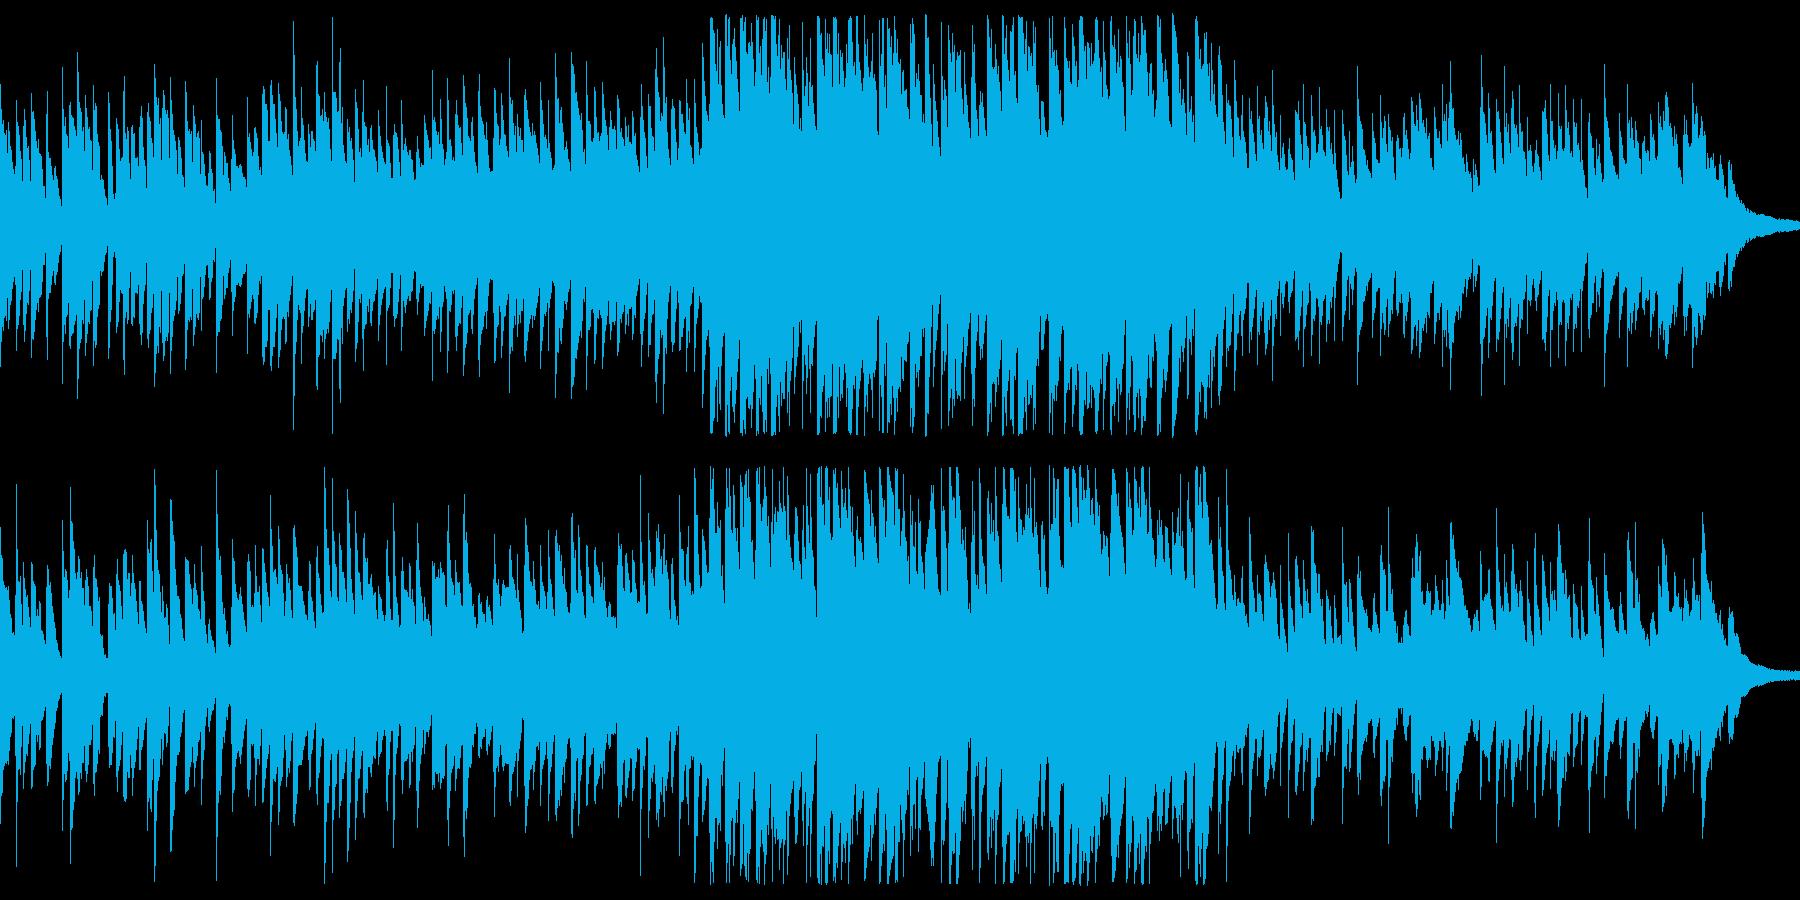 滝の流れの再生済みの波形